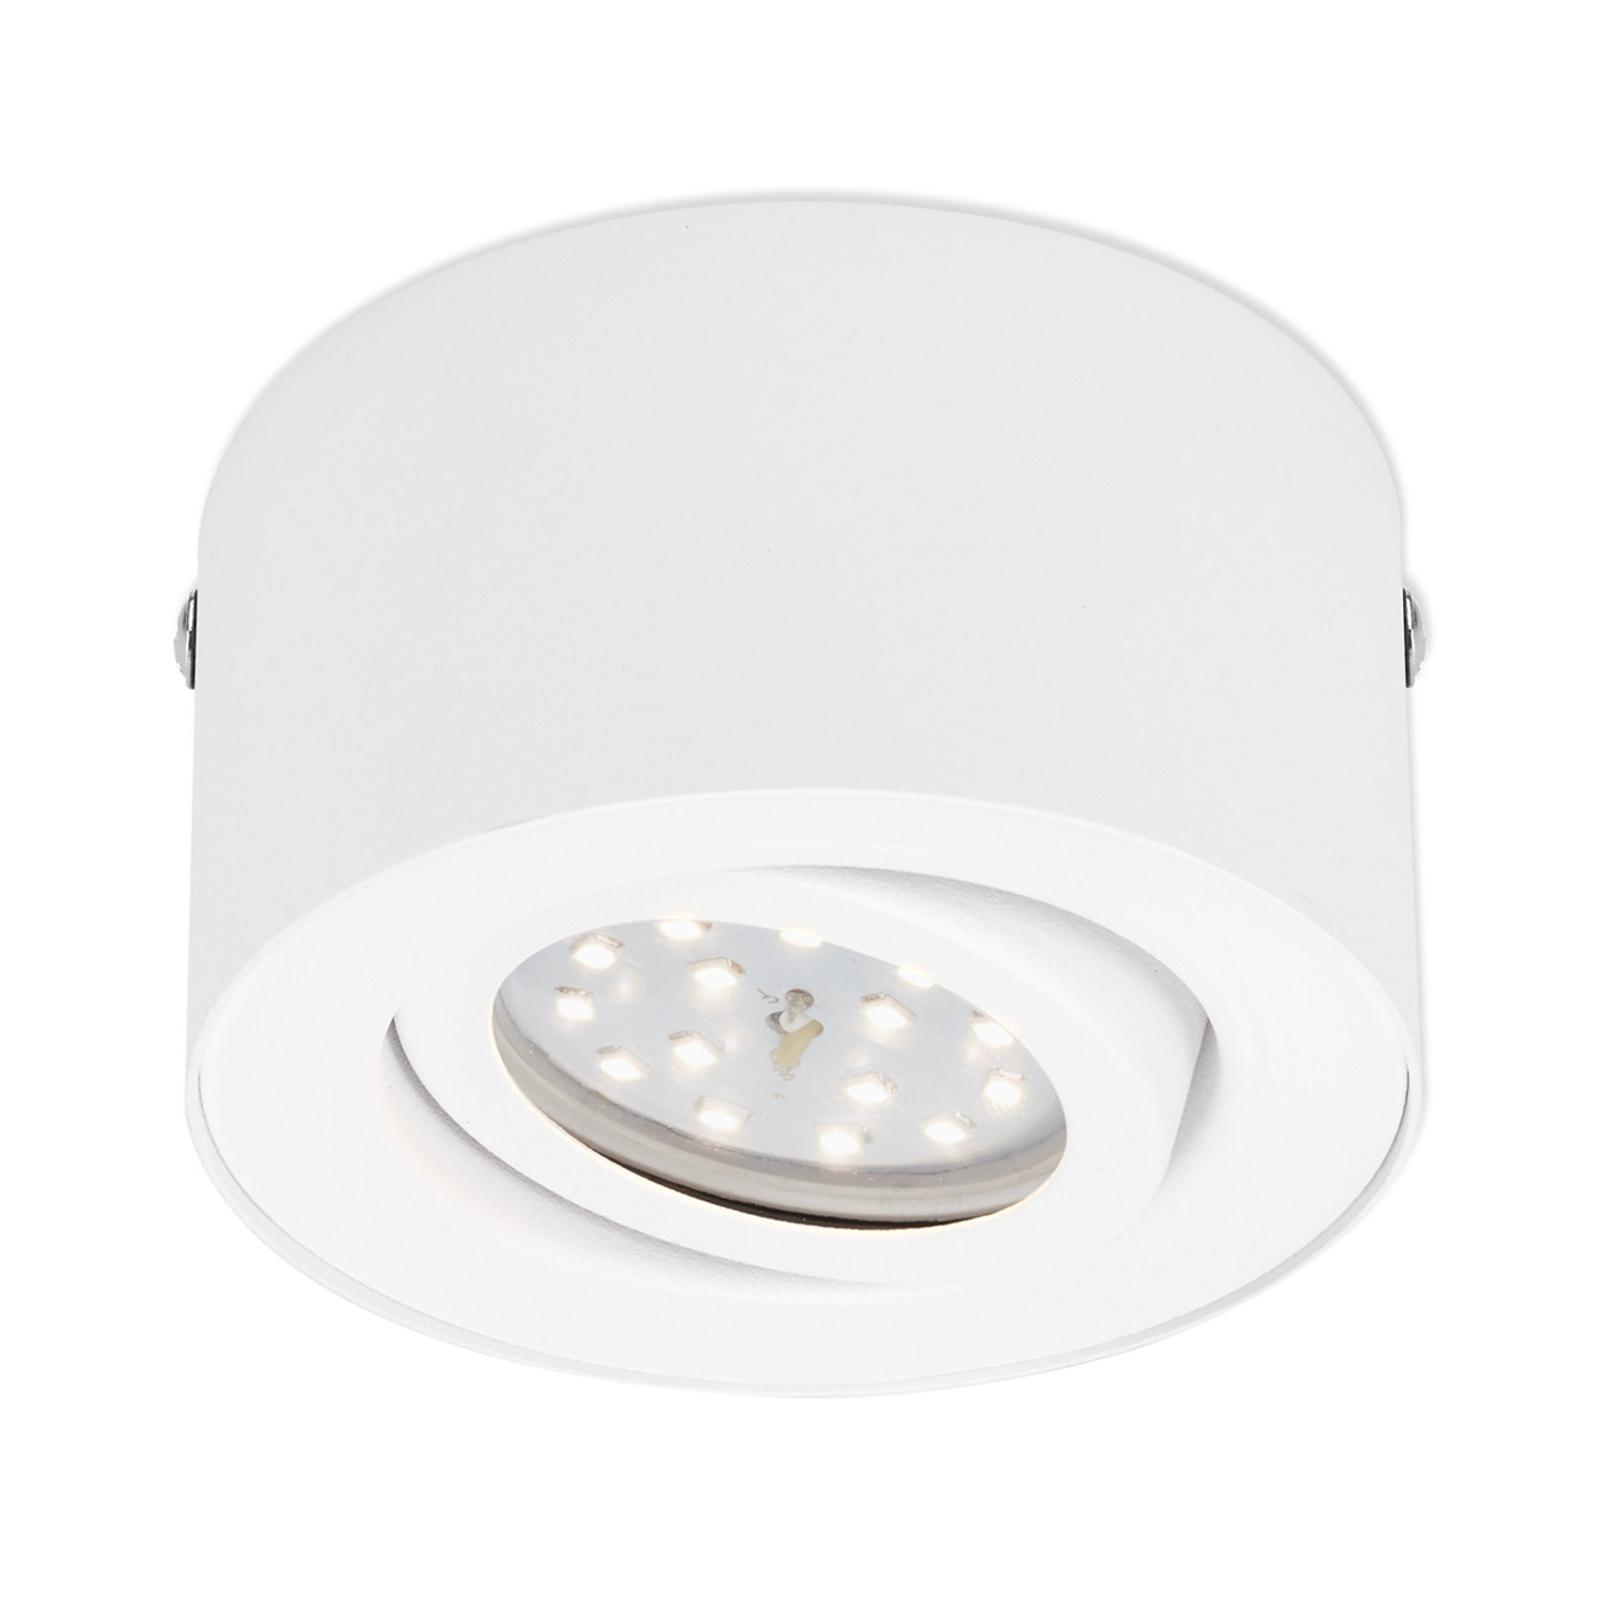 LED stropní bodové světlo Tube 7121-016 bílá